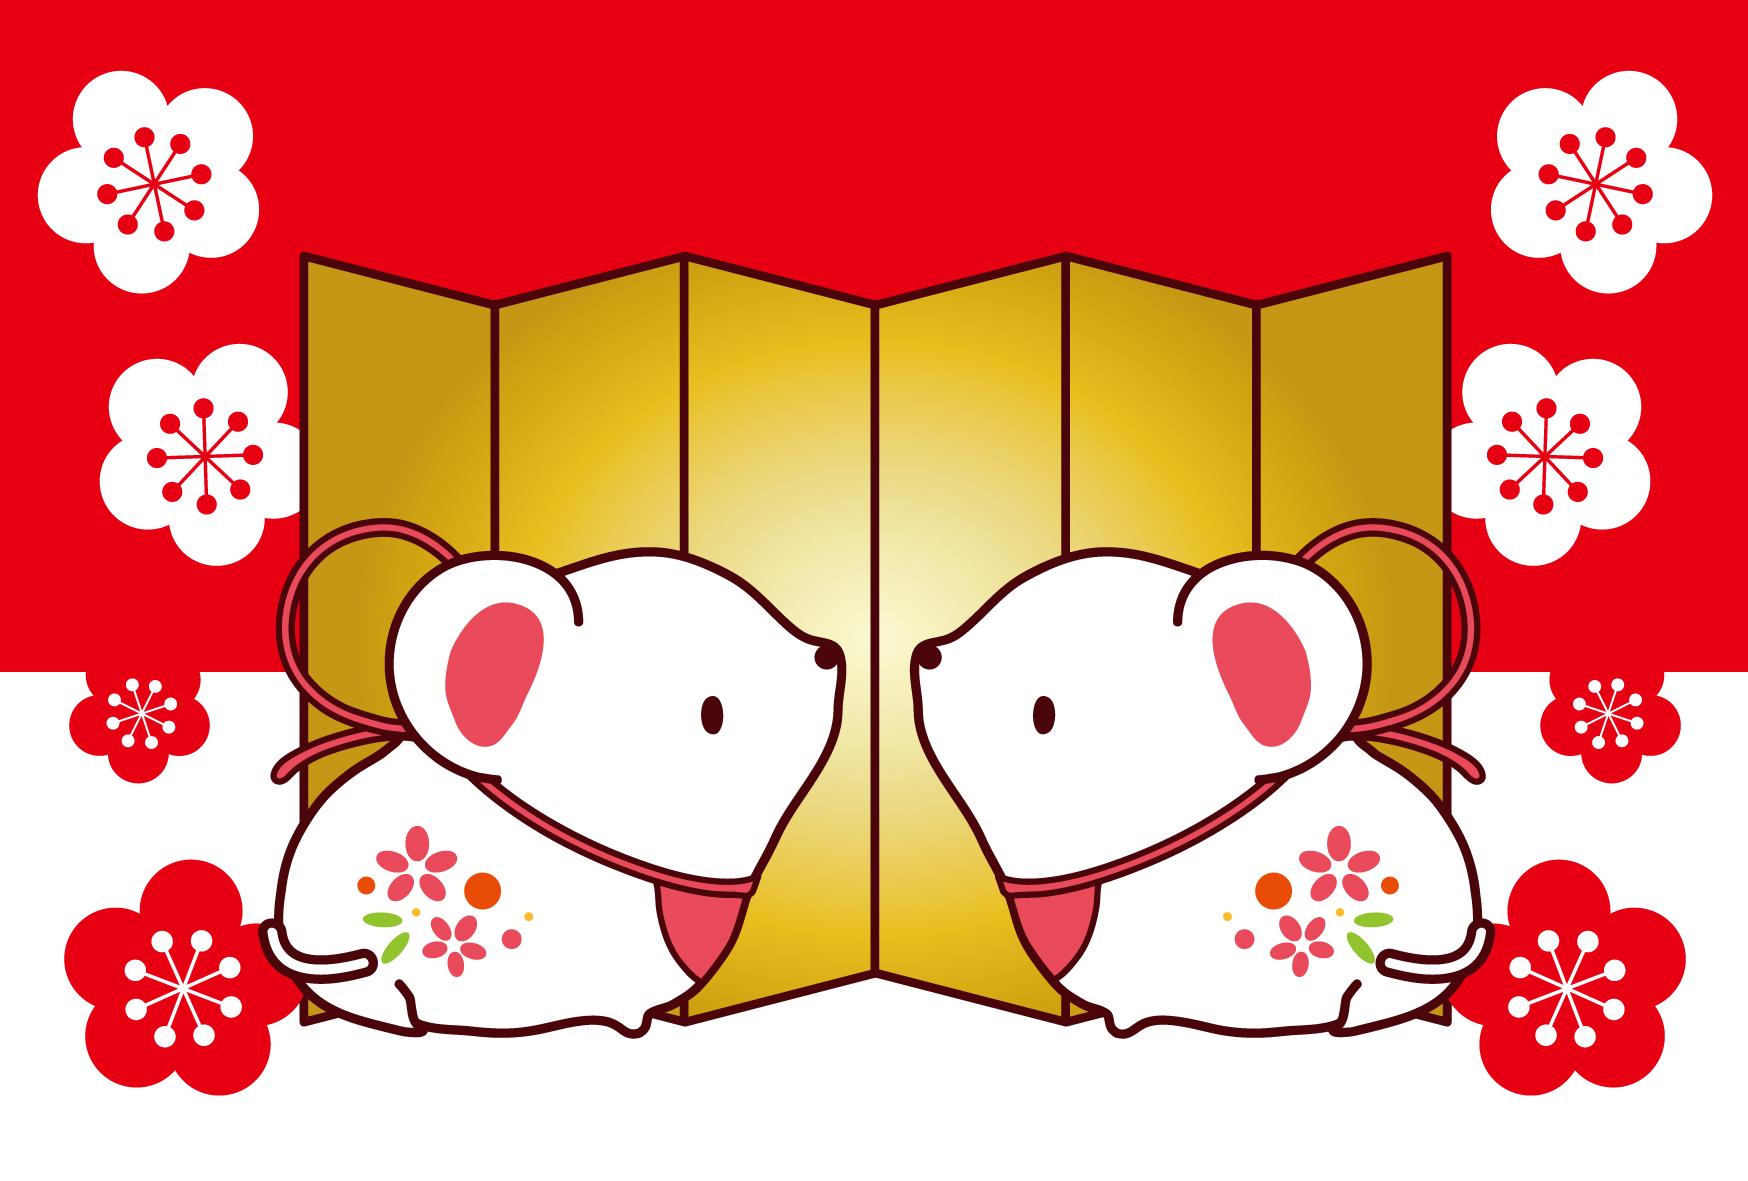 縁起が良い紅白と金屏風と花の無料イラストの2020年の年賀状素材